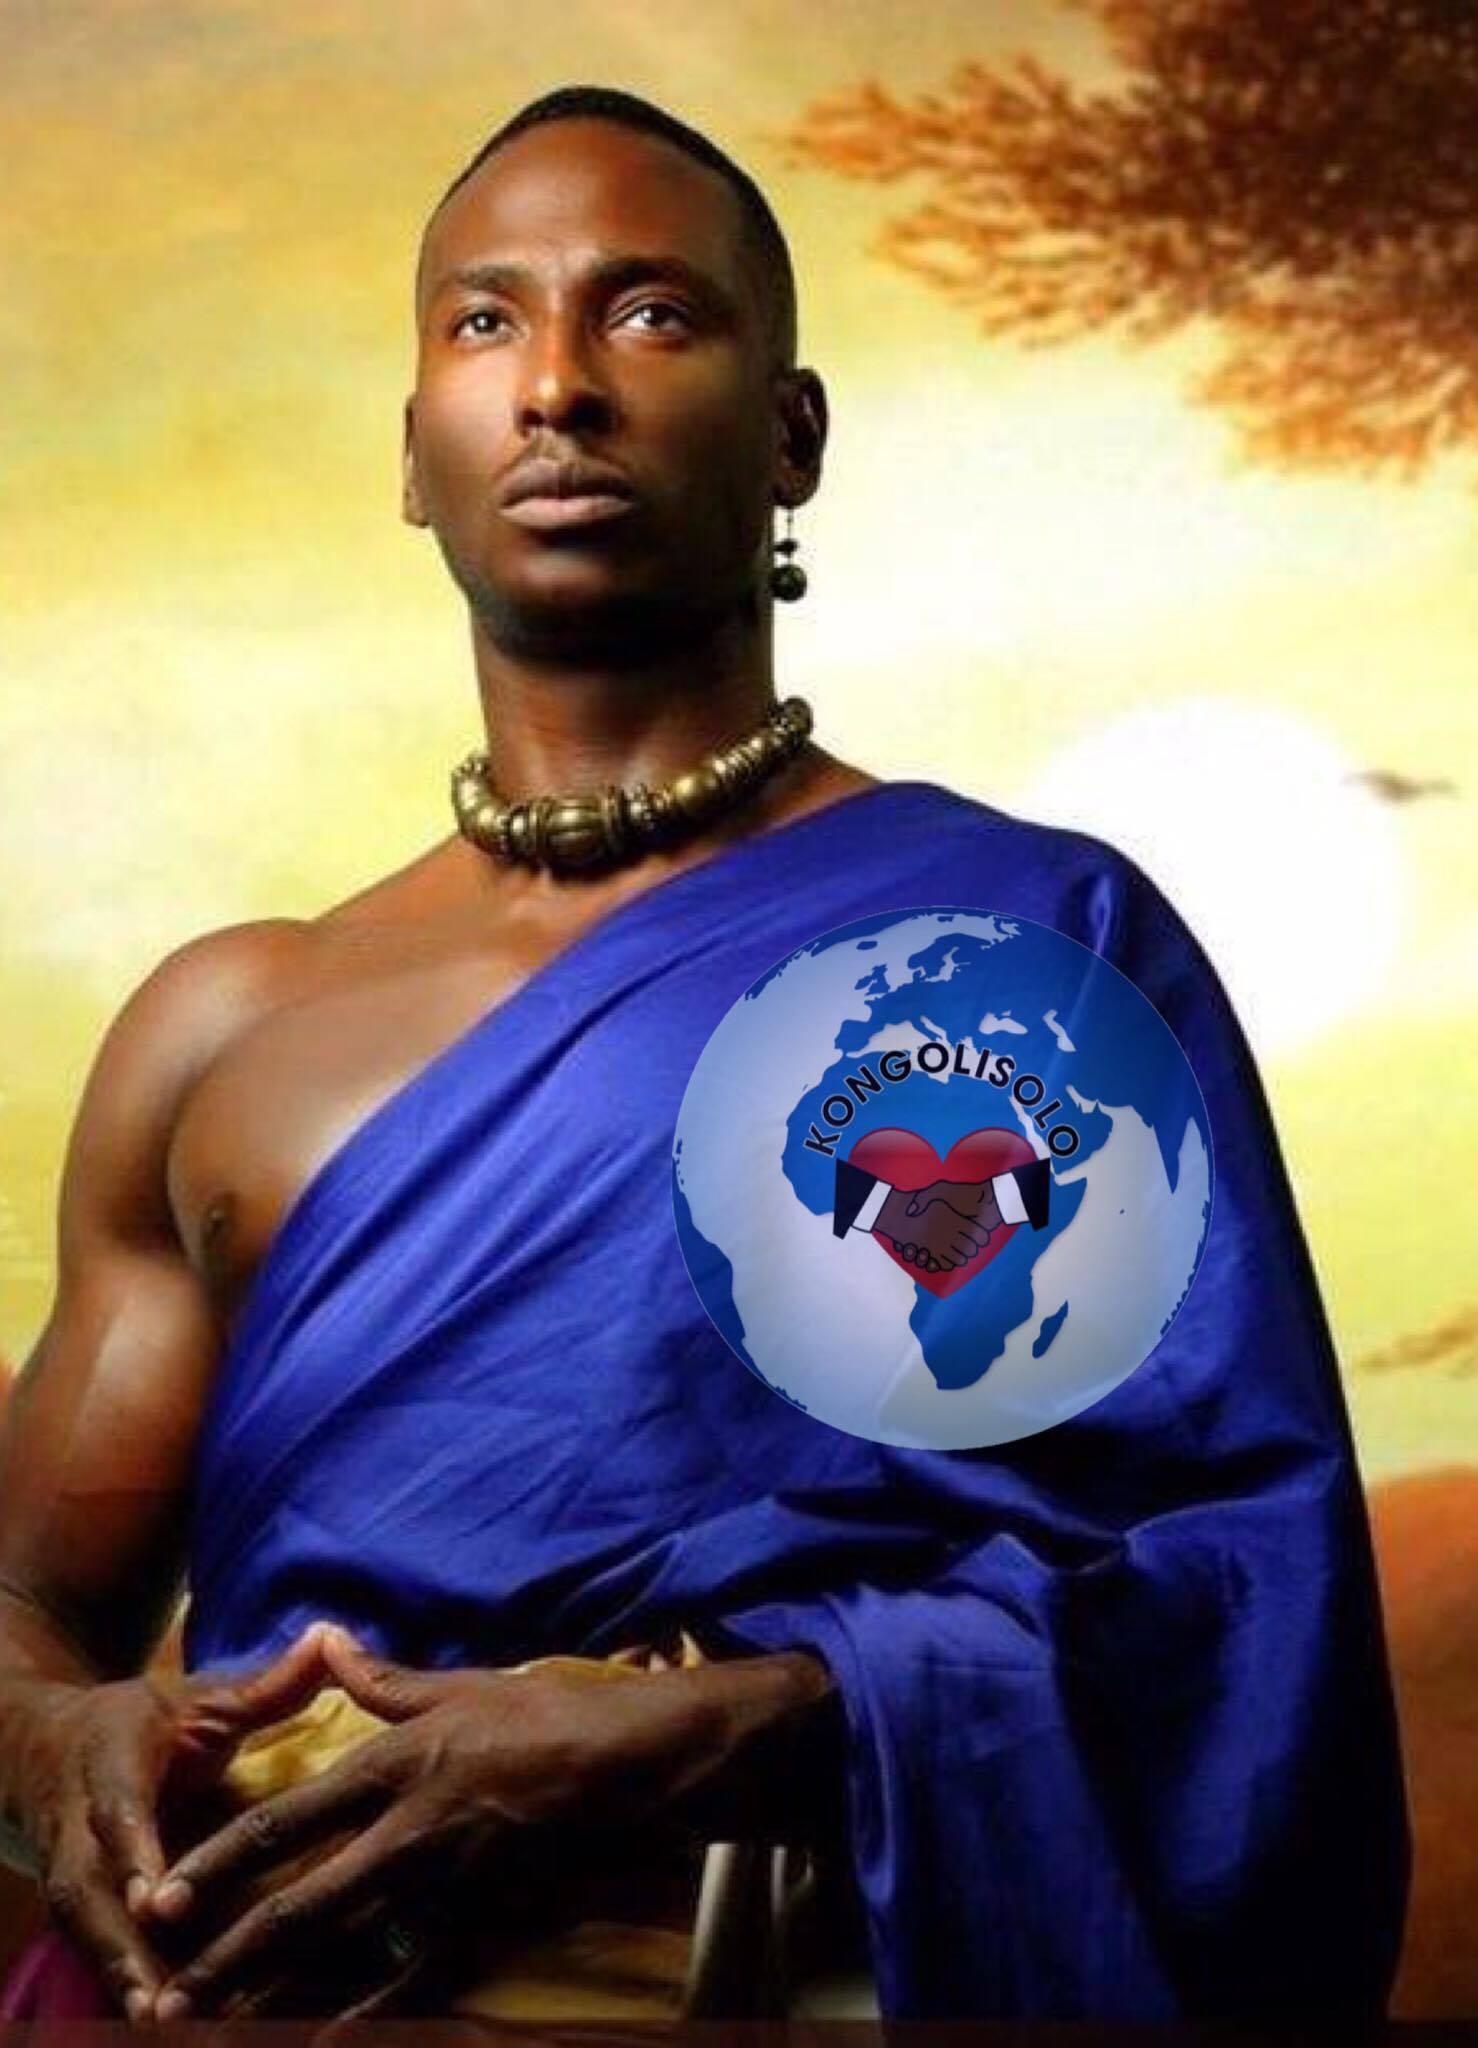 Les Africains savent depuis des millénaires que la mort n'existe pas